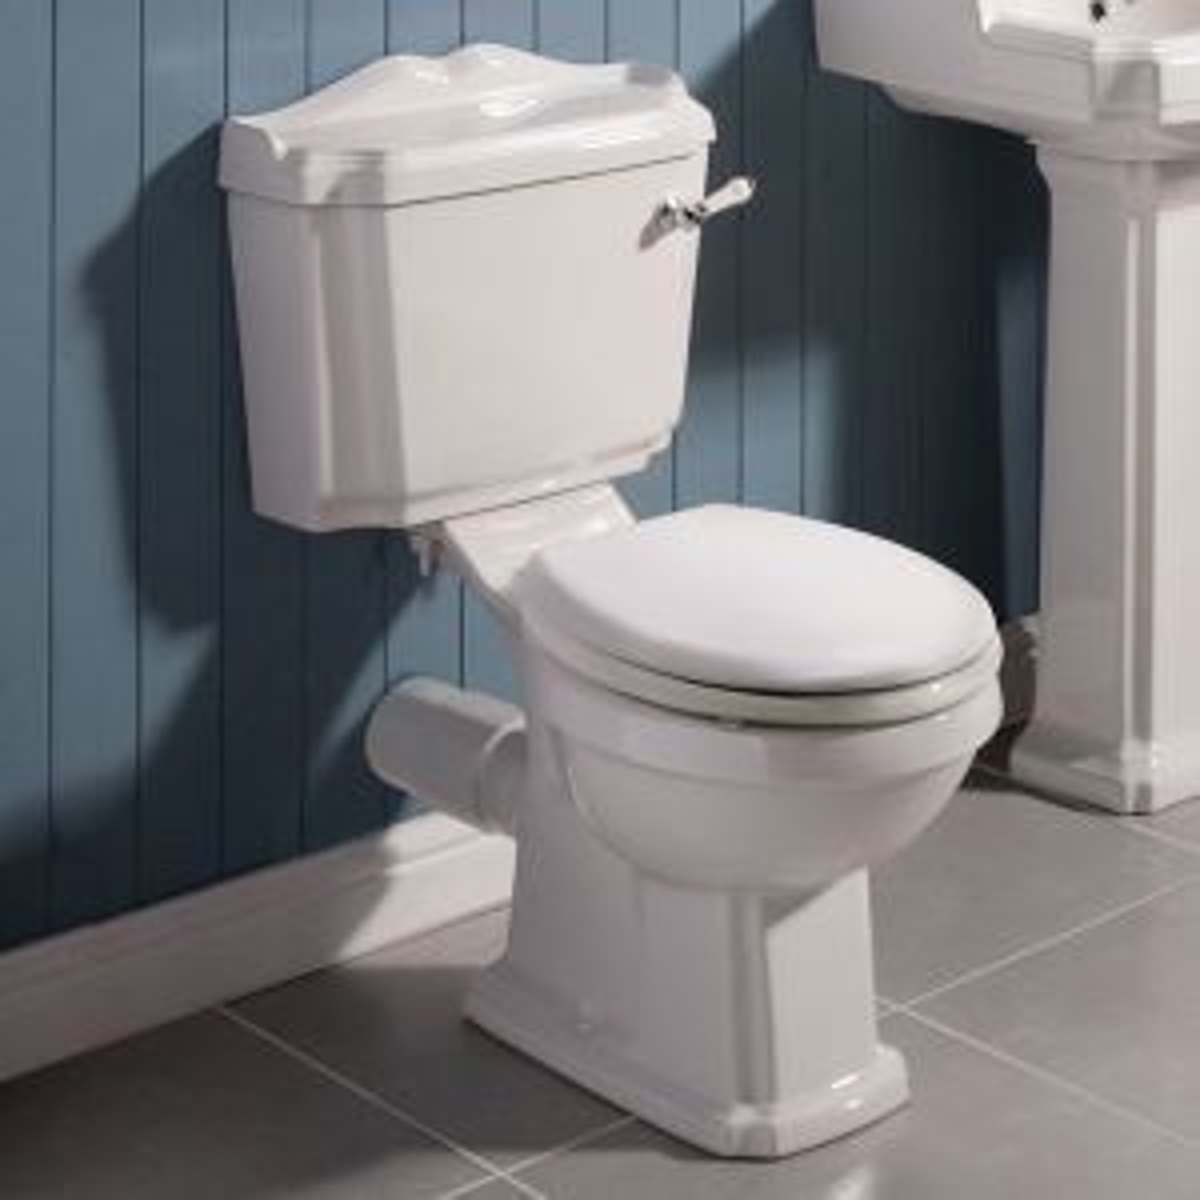 Premier Legend Close Coupled Toilet and Soft Close Seat